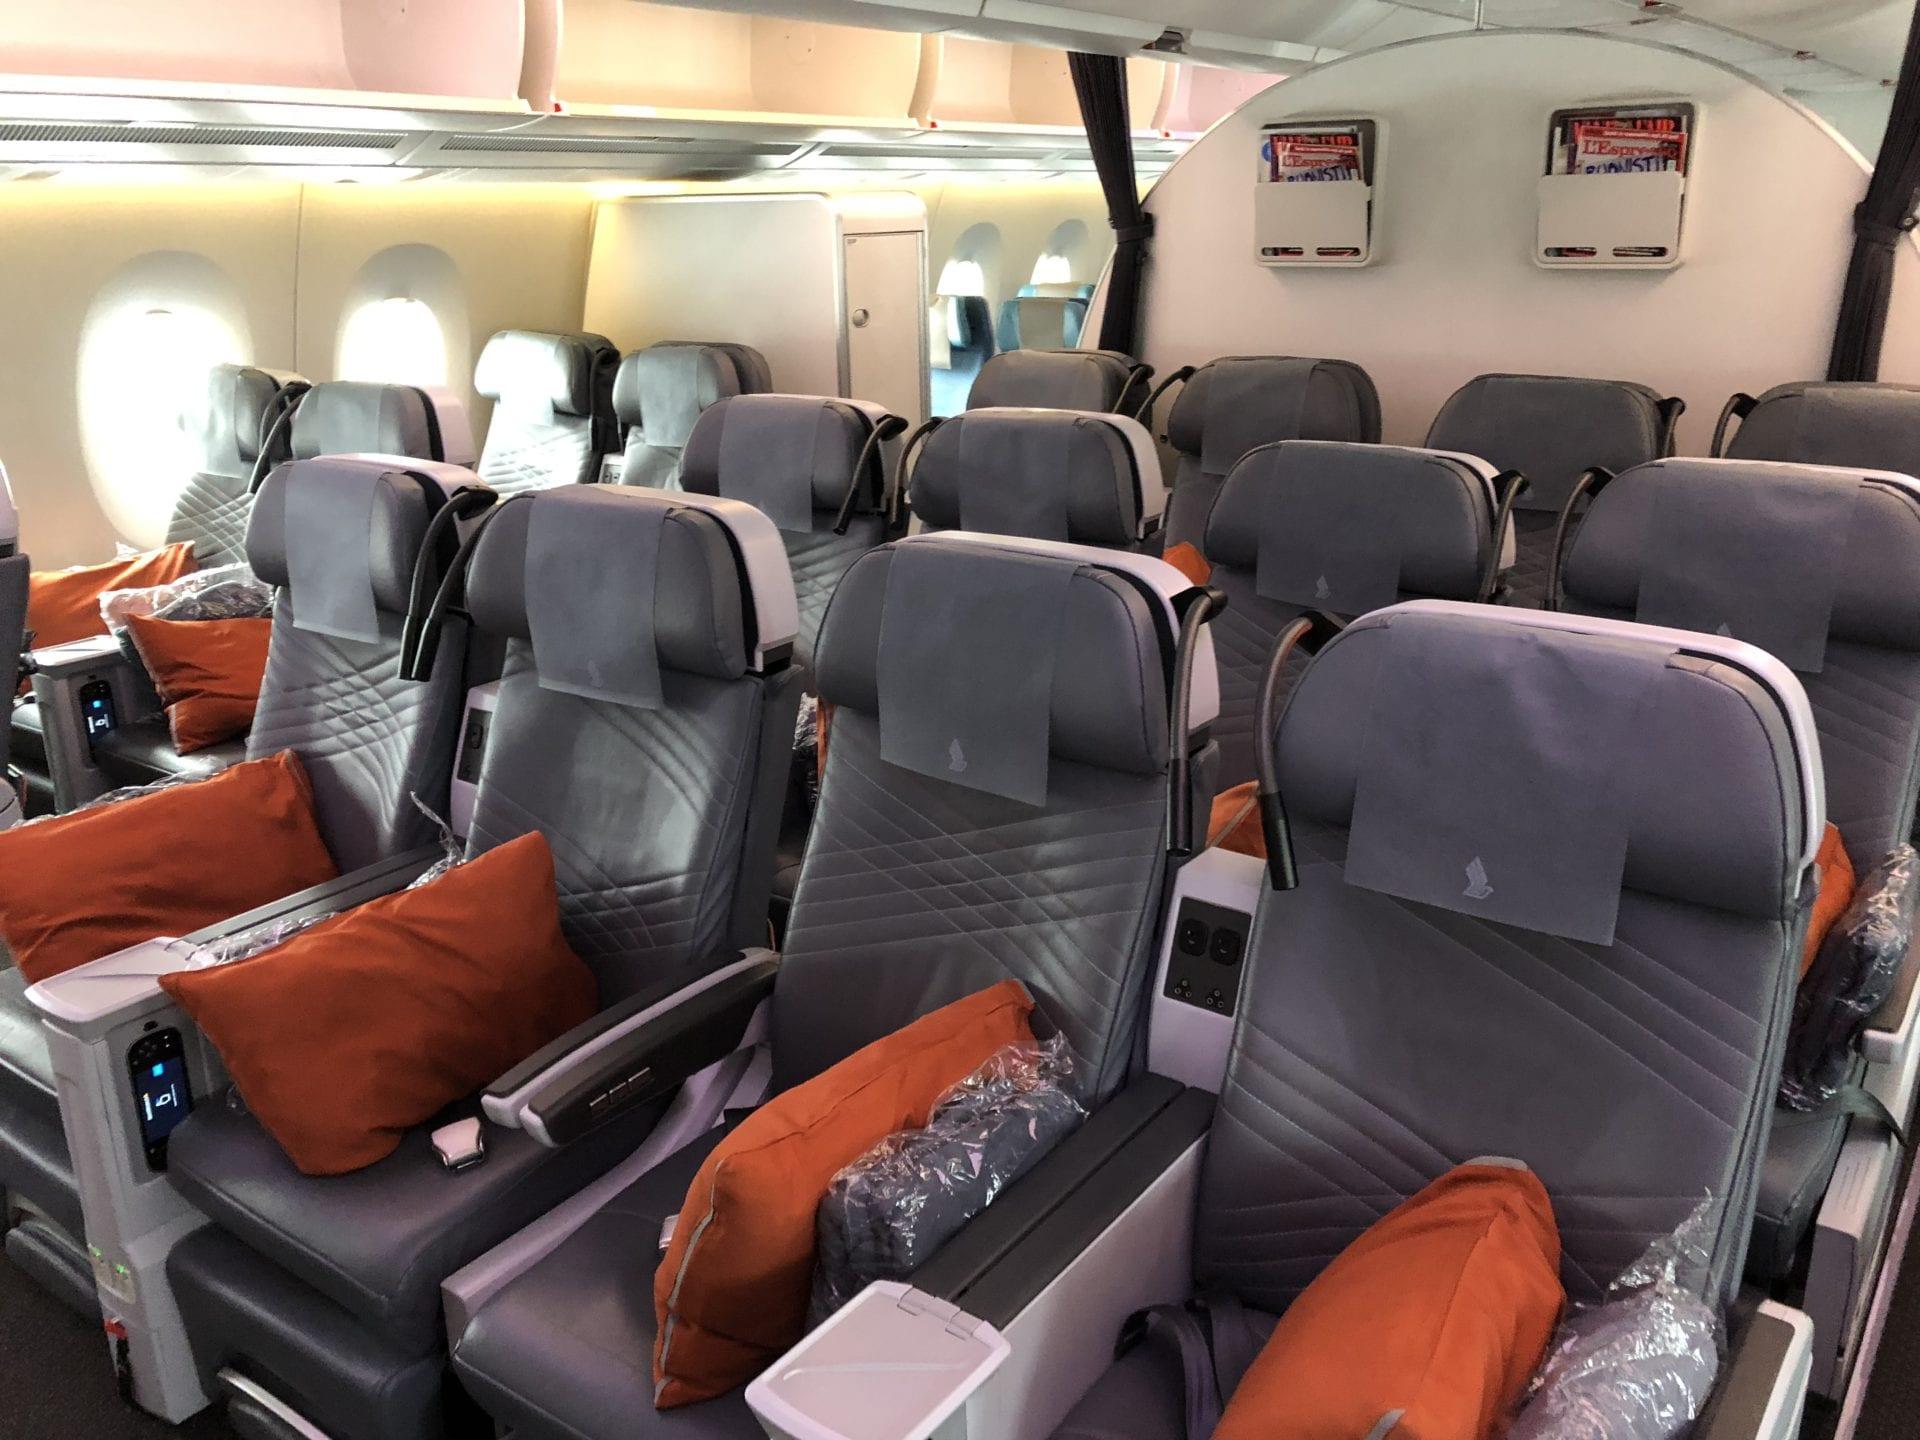 Singapore Airlines Premium Economy Class Kabine